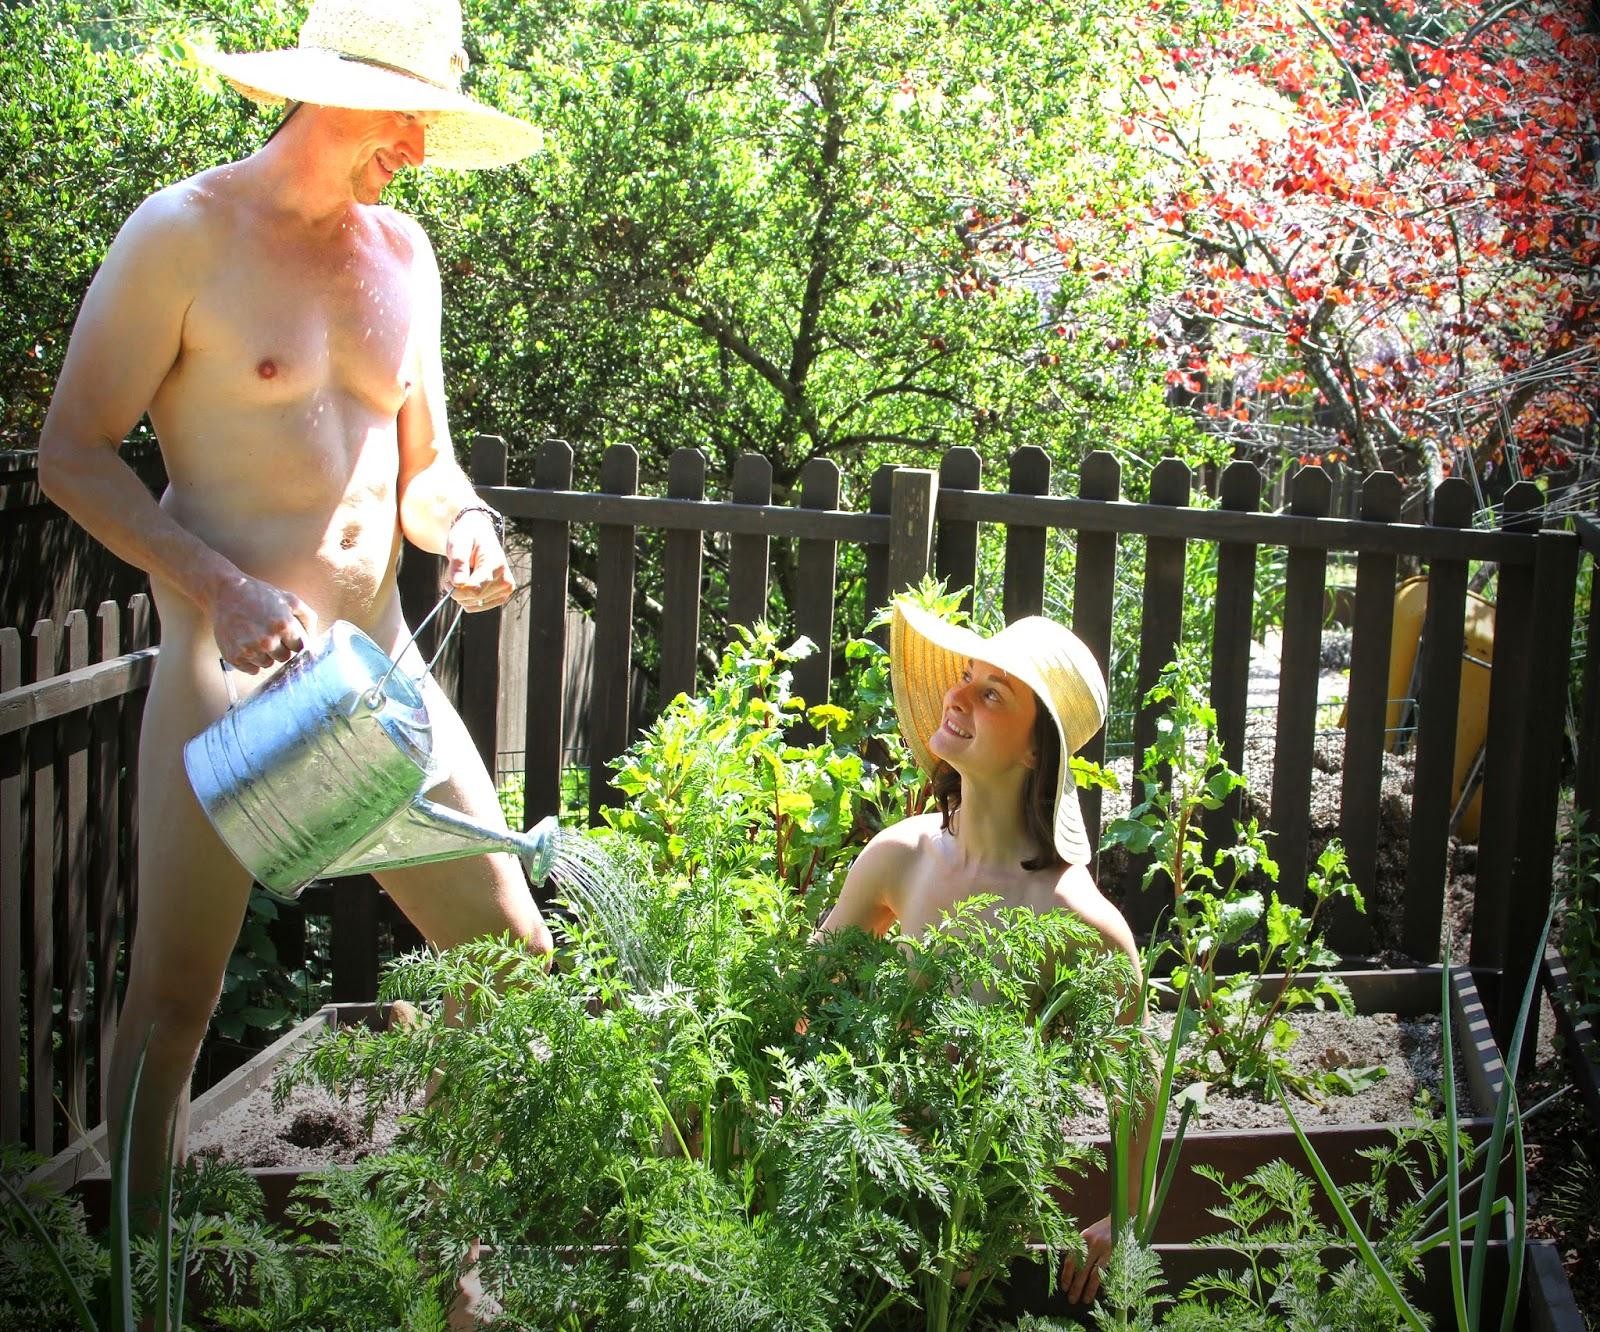 Nake garden couple.jpg